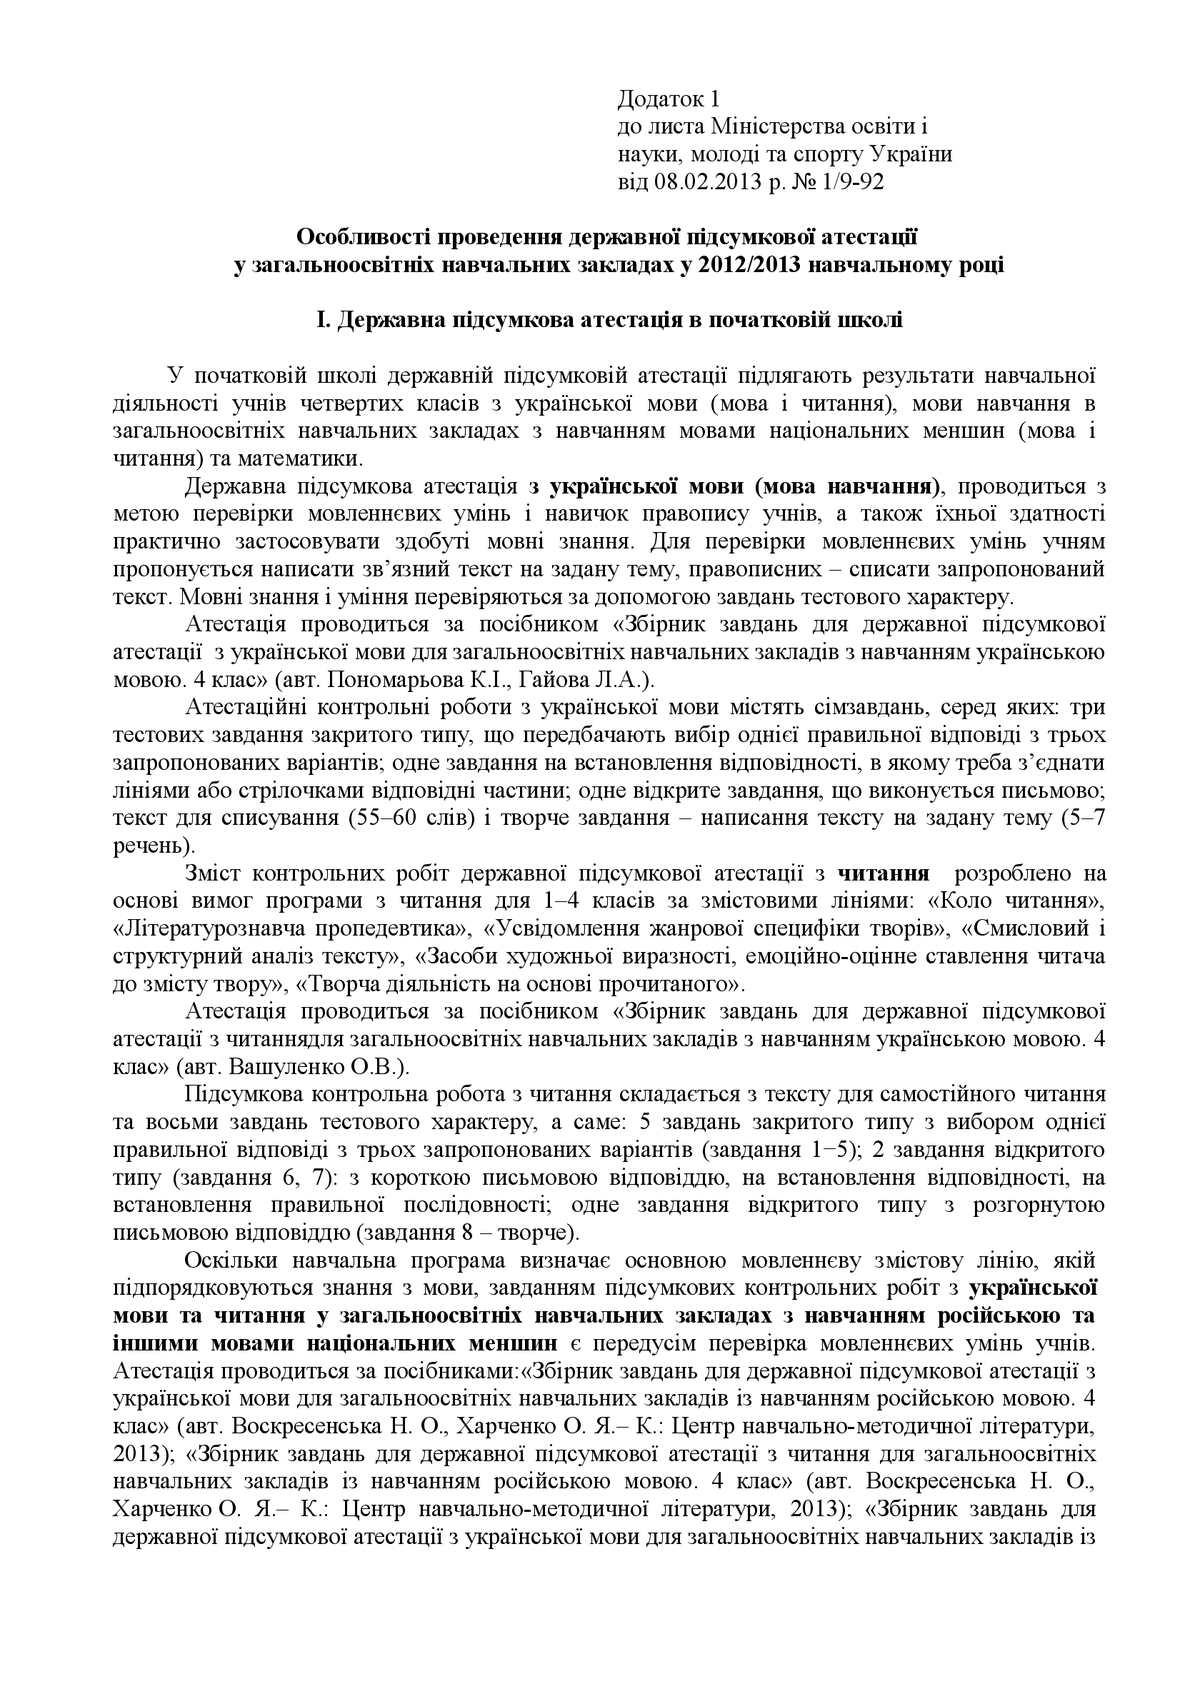 гдз з нмецько мови 7 клас горбач 2007